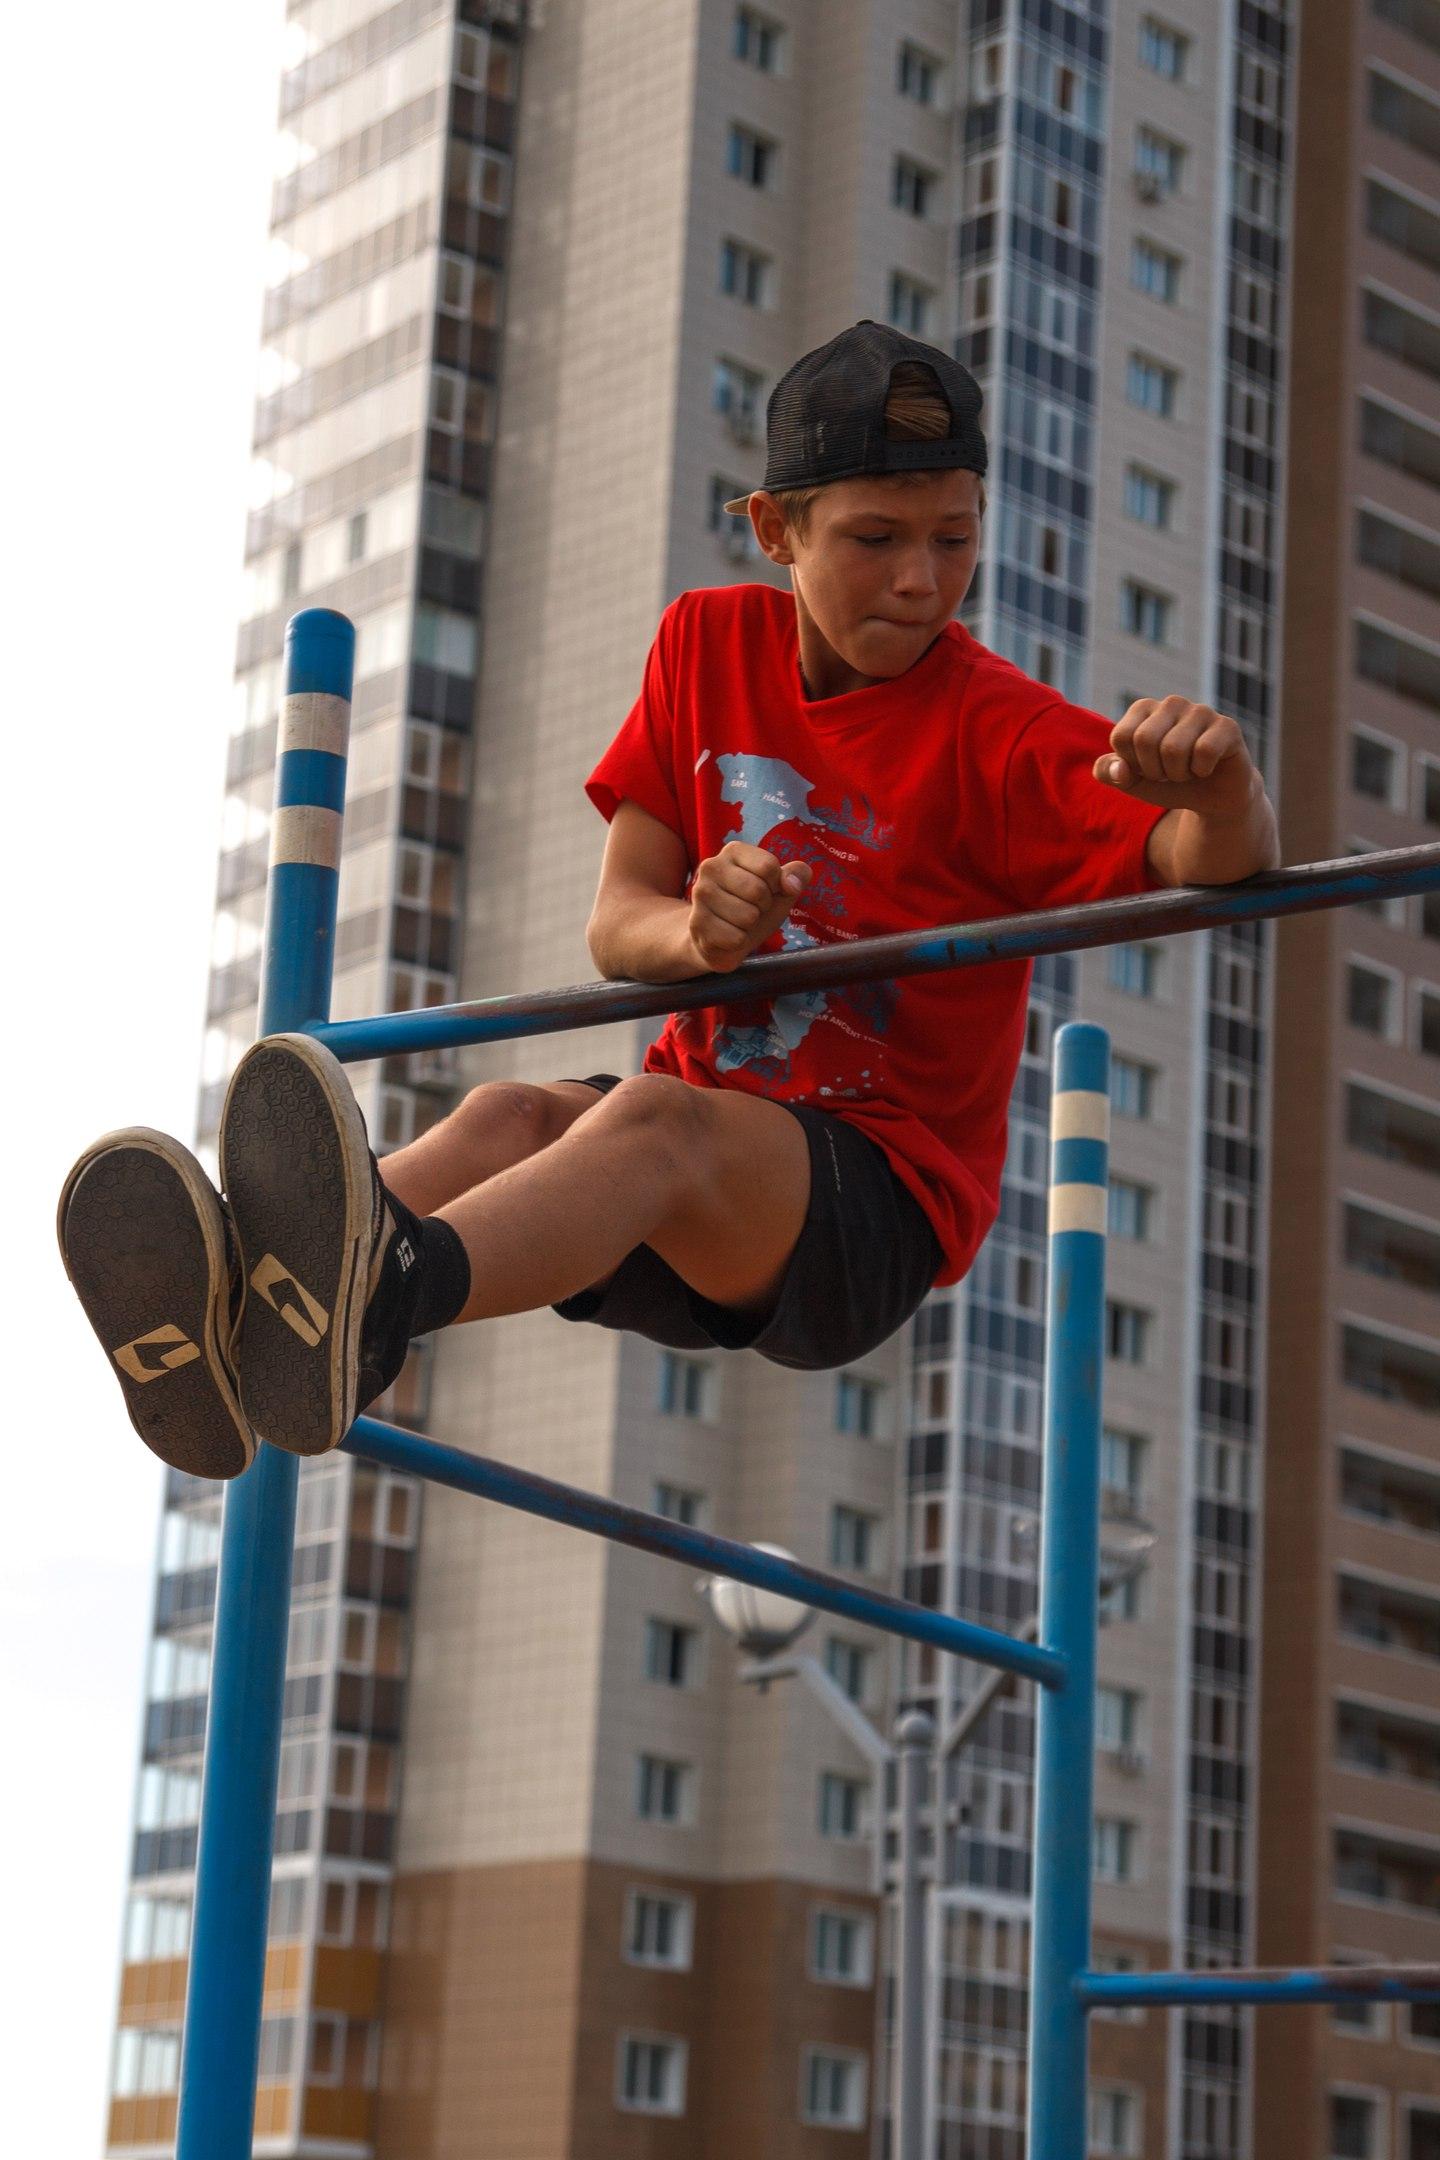 Уличные атлеты: хабаровским воркаутерам не хватает места для площадок